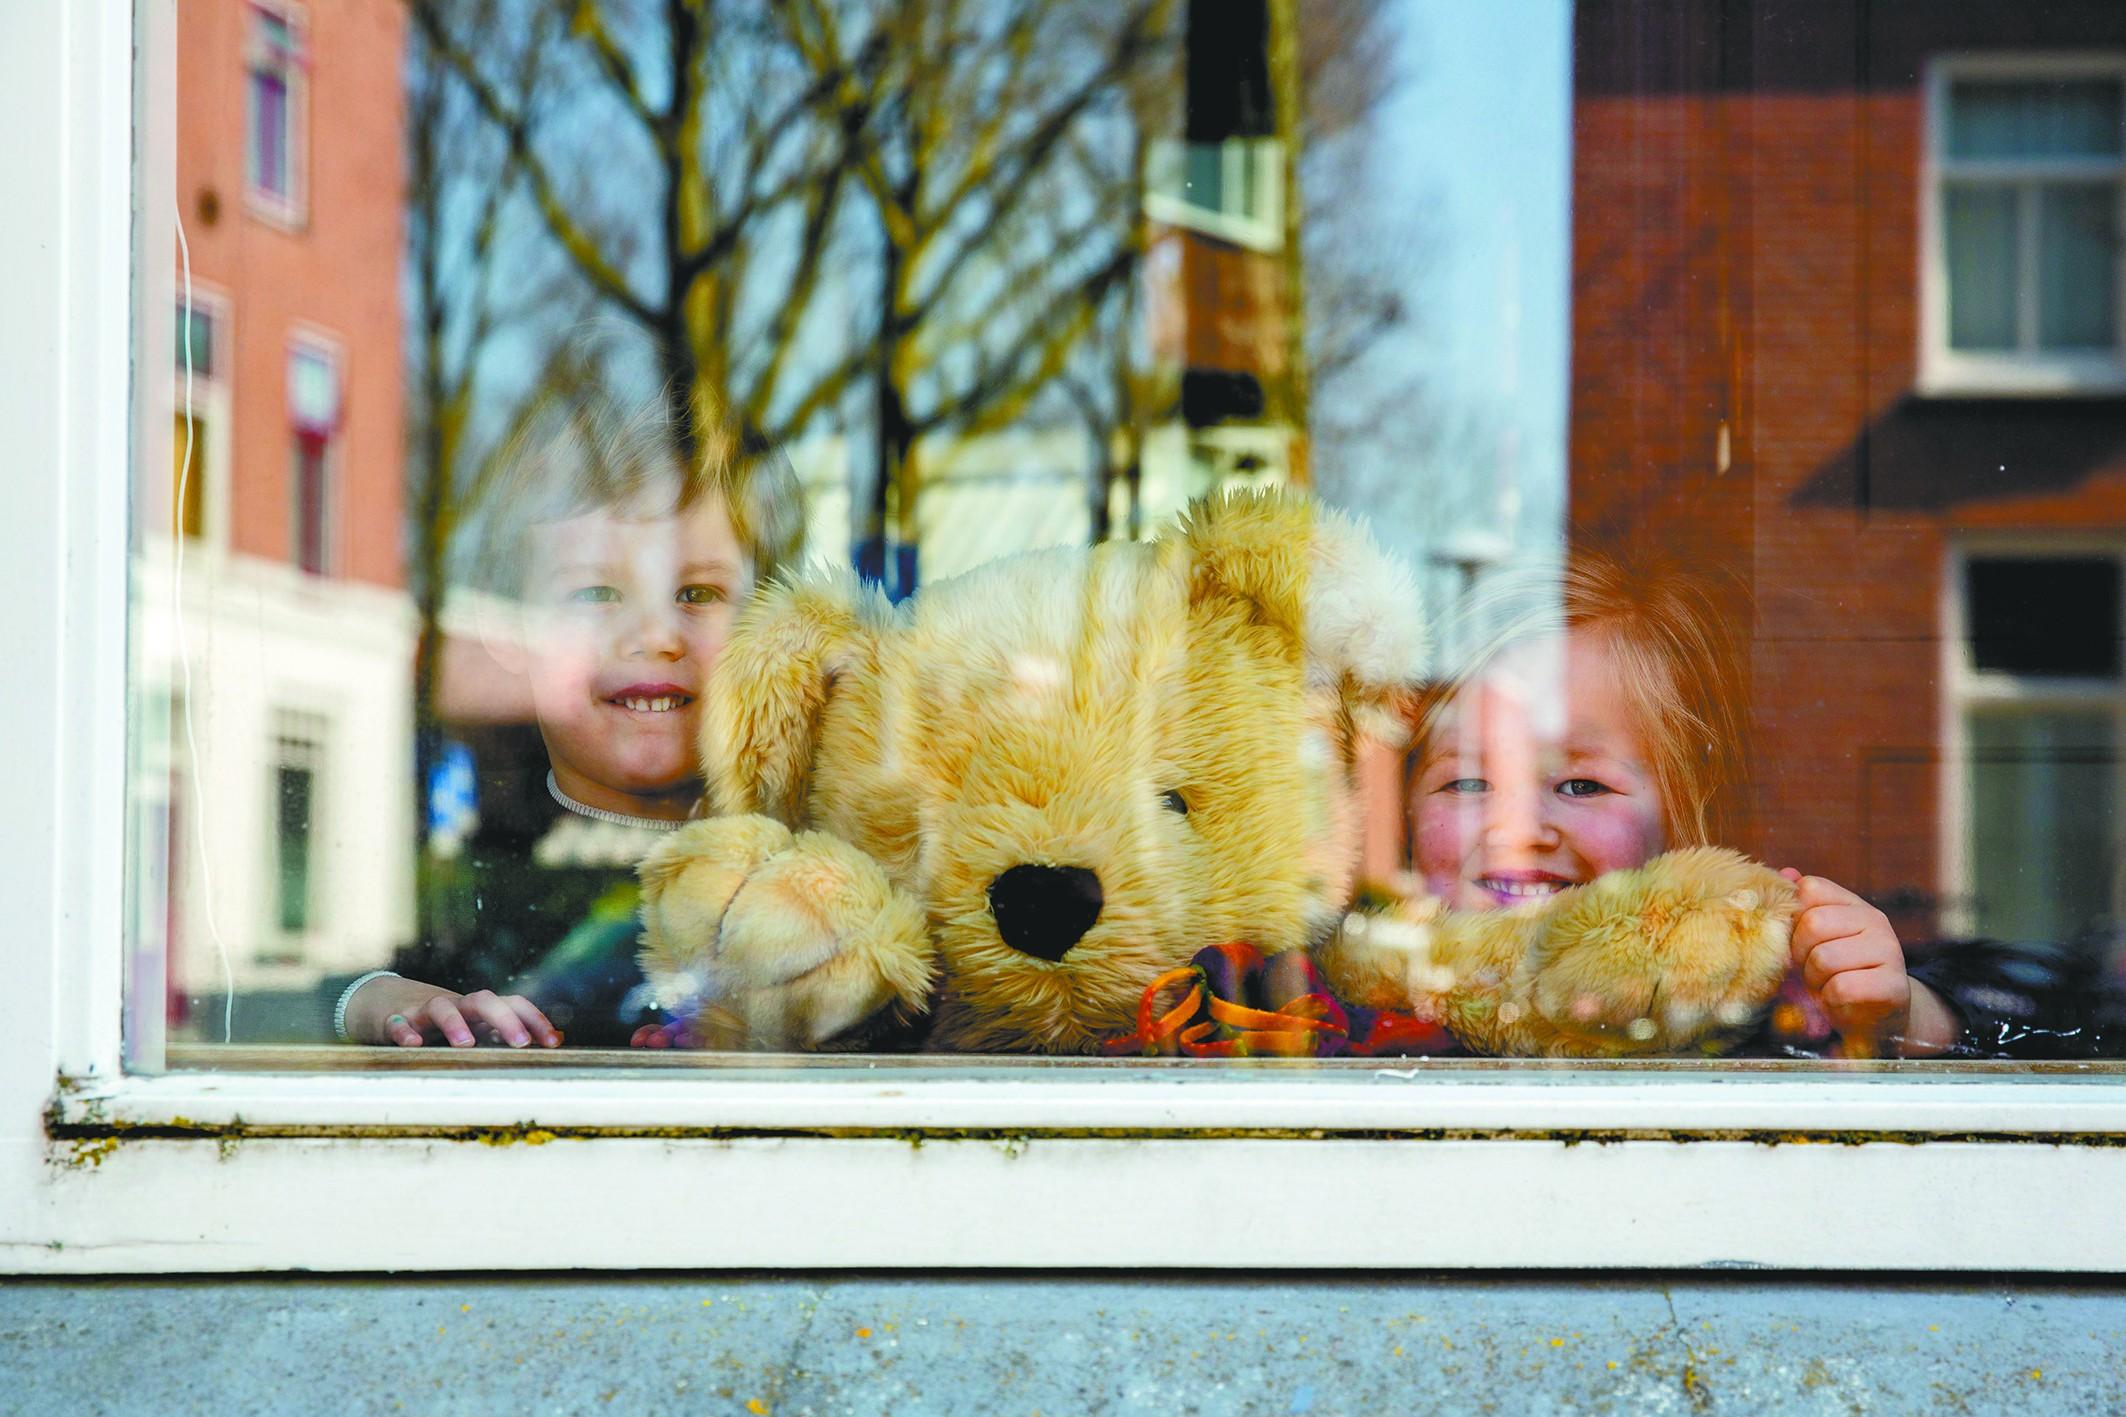 荷兰人家的窗户等你去张望